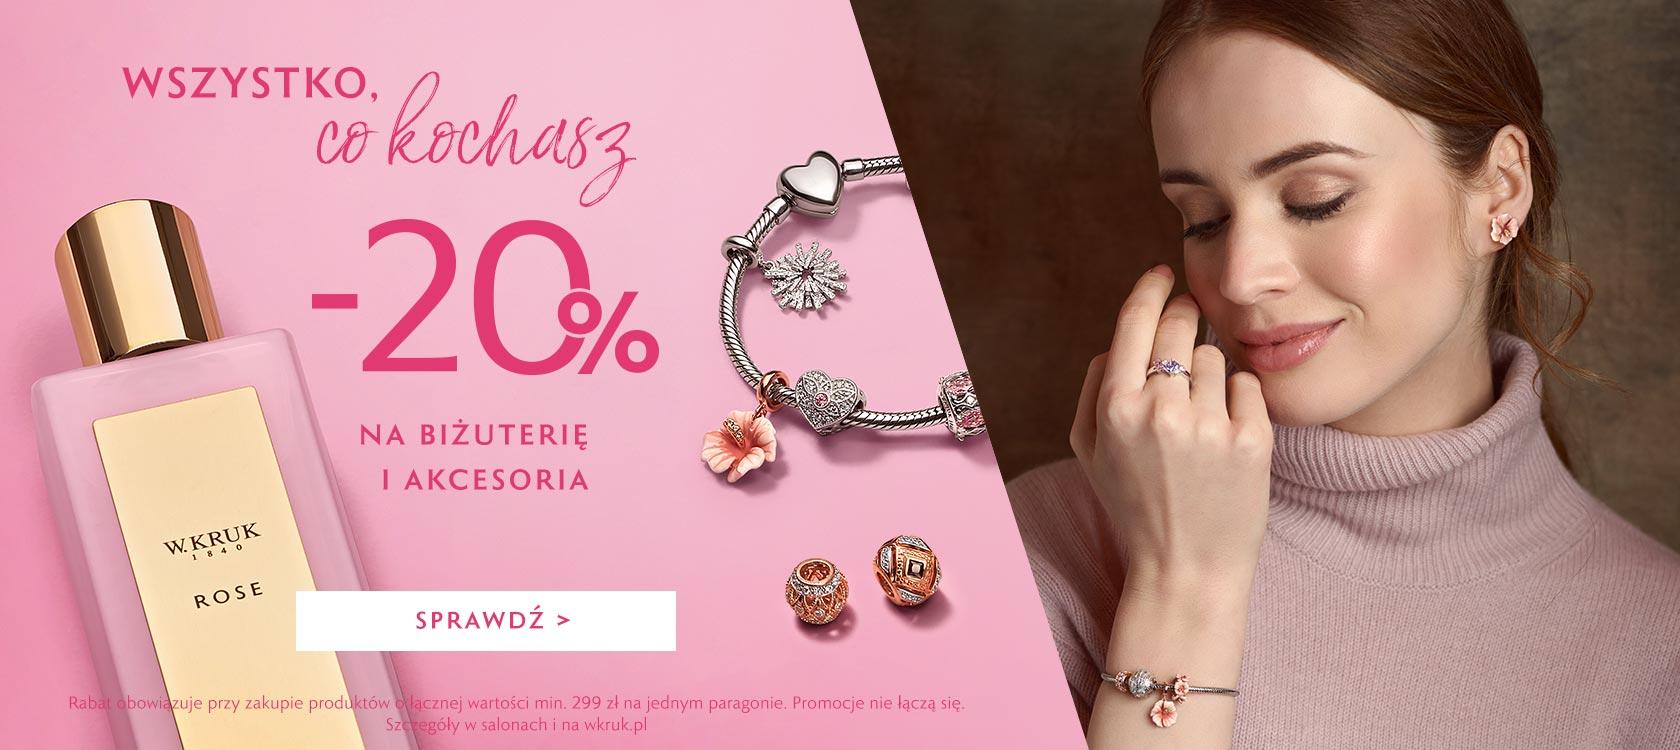 W.Kruk W.Kruk: 20% zniżki na biżuterię i akcesoria przy zakupach za min. 299 zł